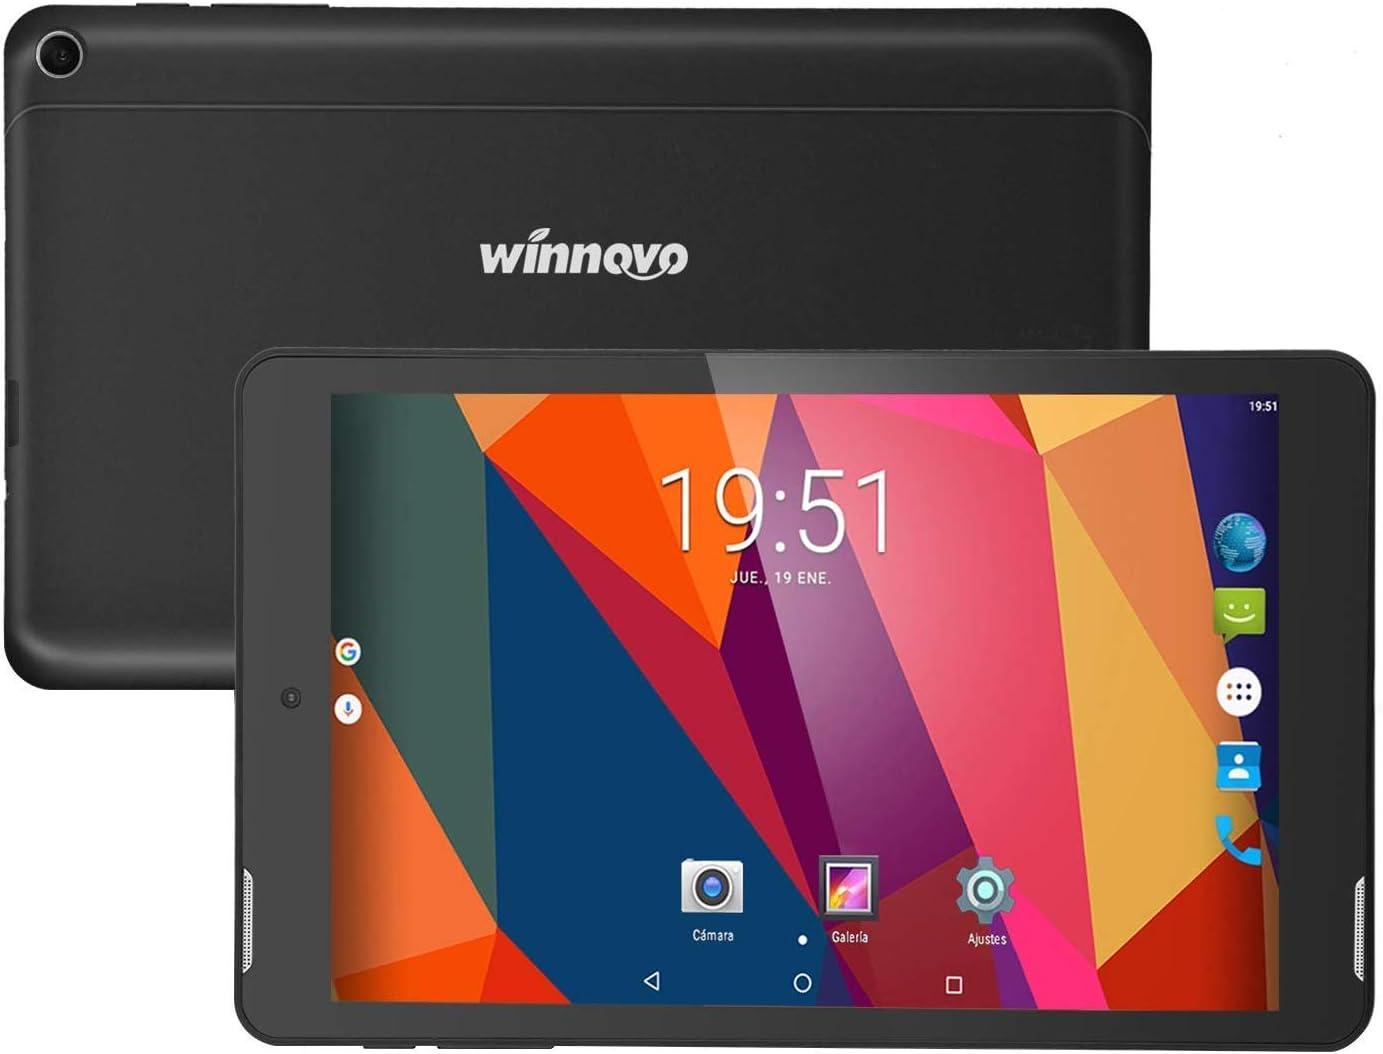 8 Pulgadas Tablet PC Android 8.1 - Winnovo M86 WiFi GPS Phablet Quad Core 16 GB ROM 1GB RAM Bluetooth Cámara Doble FM